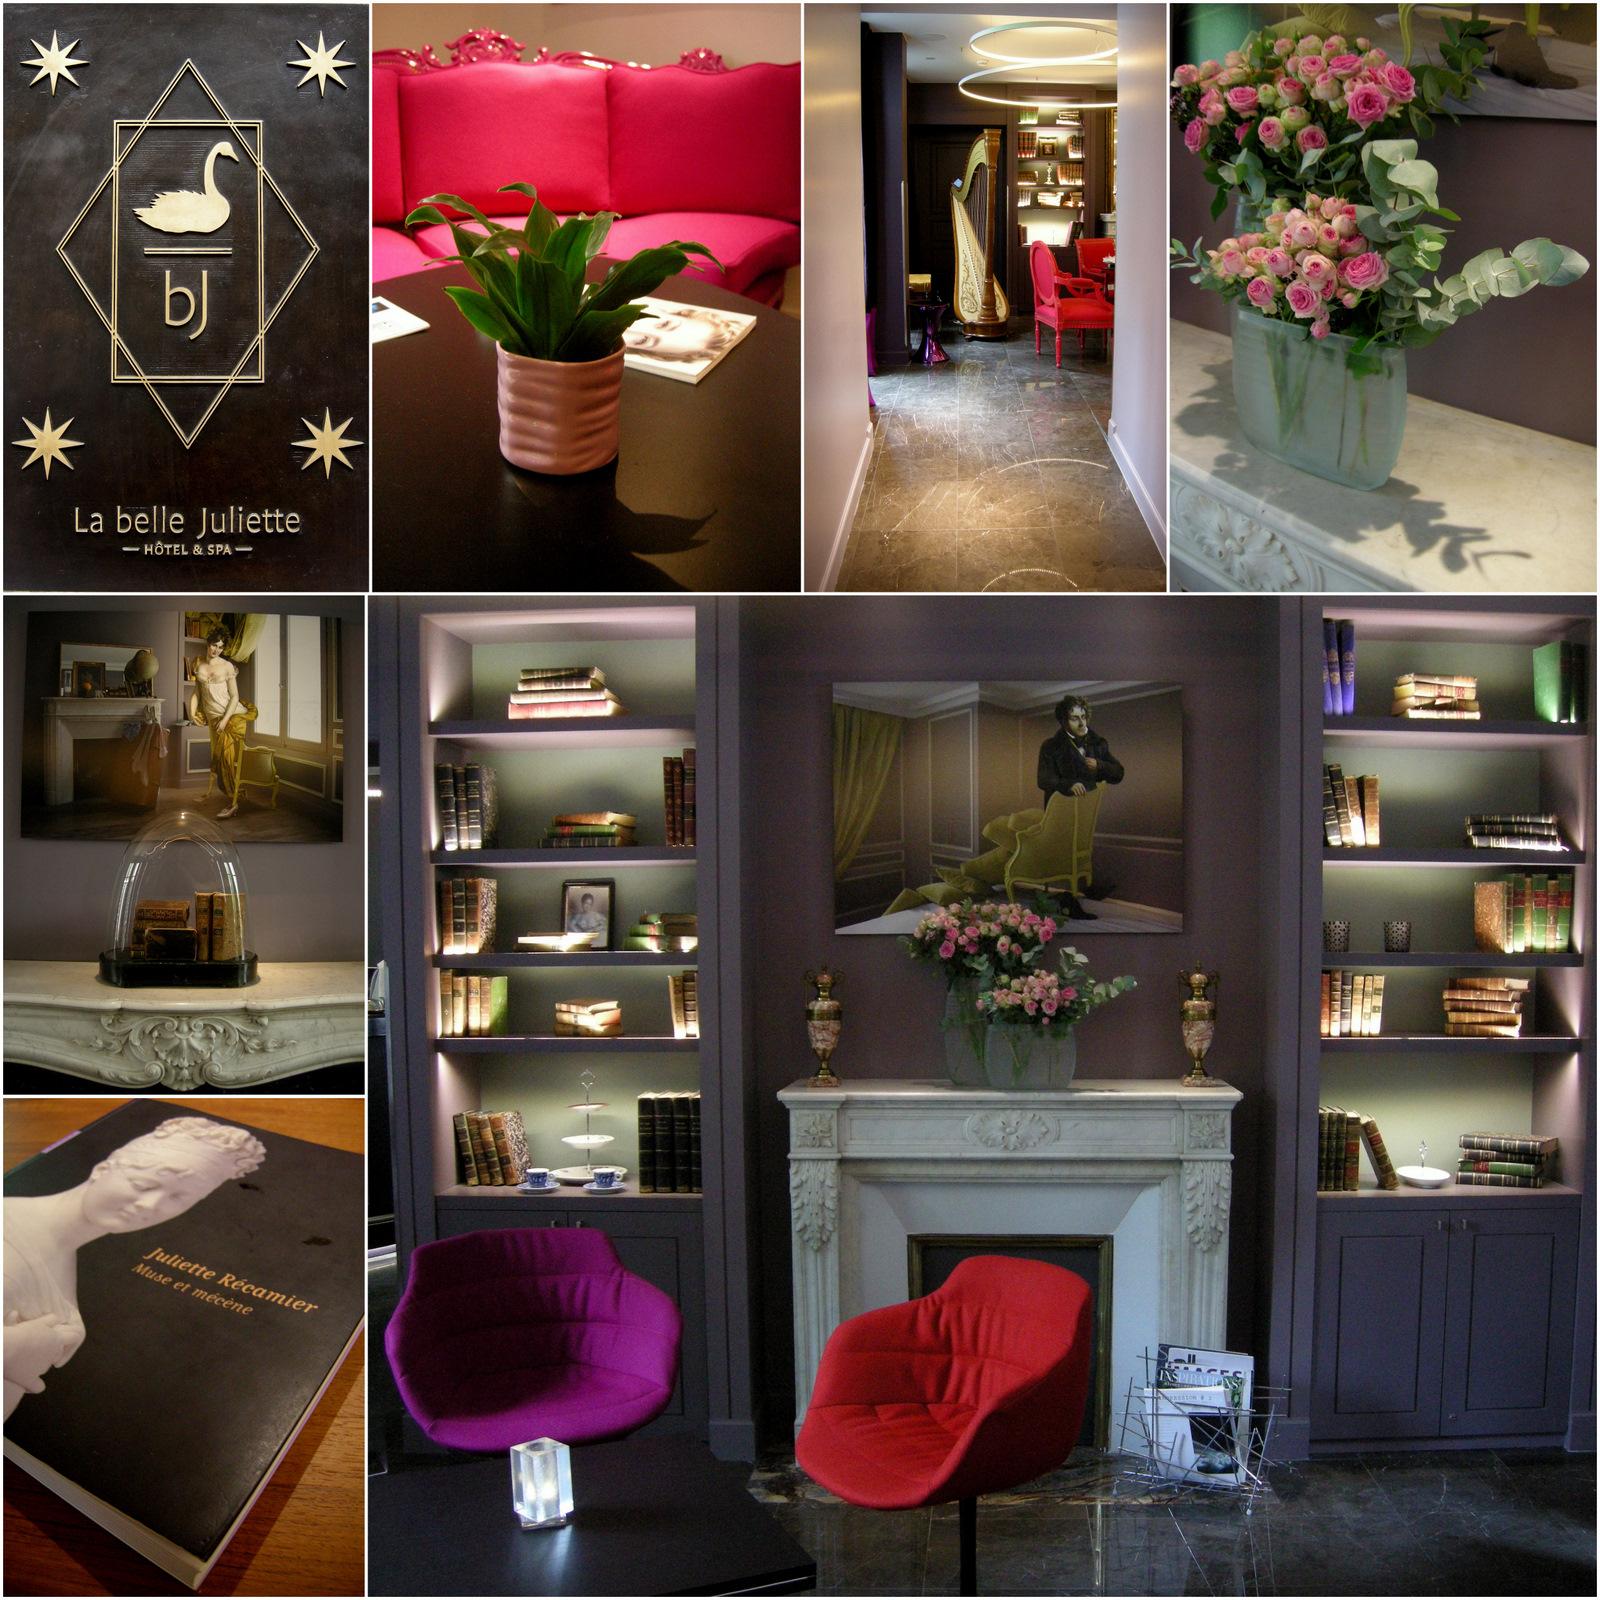 food box prendre le th chez la belle juliette. Black Bedroom Furniture Sets. Home Design Ideas